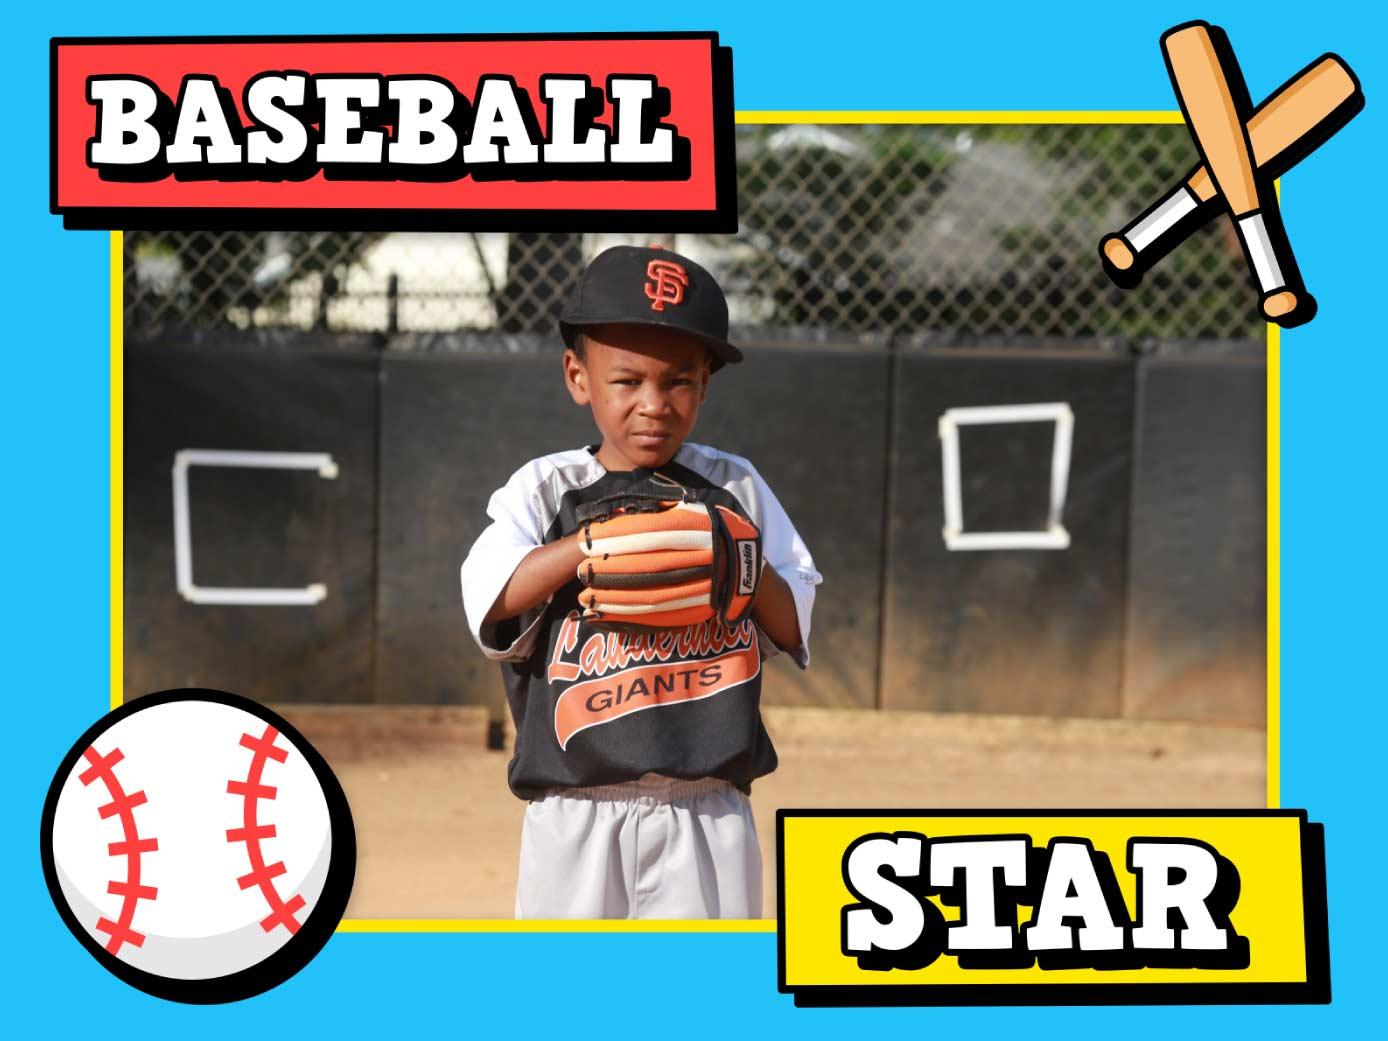 Baseball frame available for Mac in ImageFramer